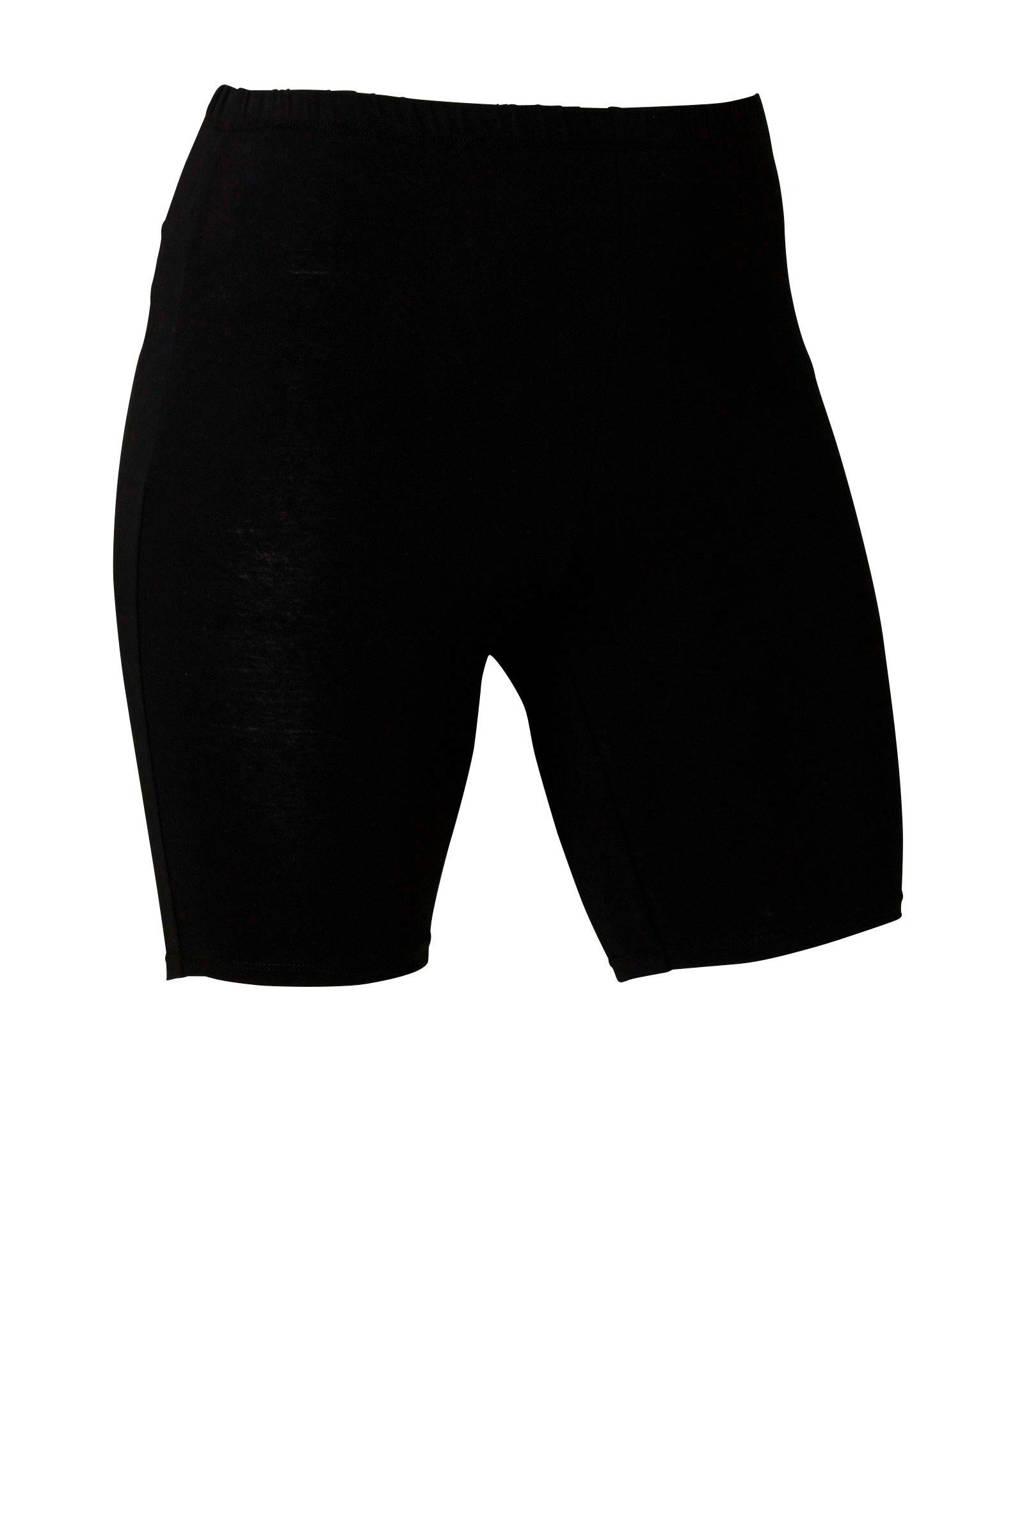 anytime cycling short zwart, Zwart